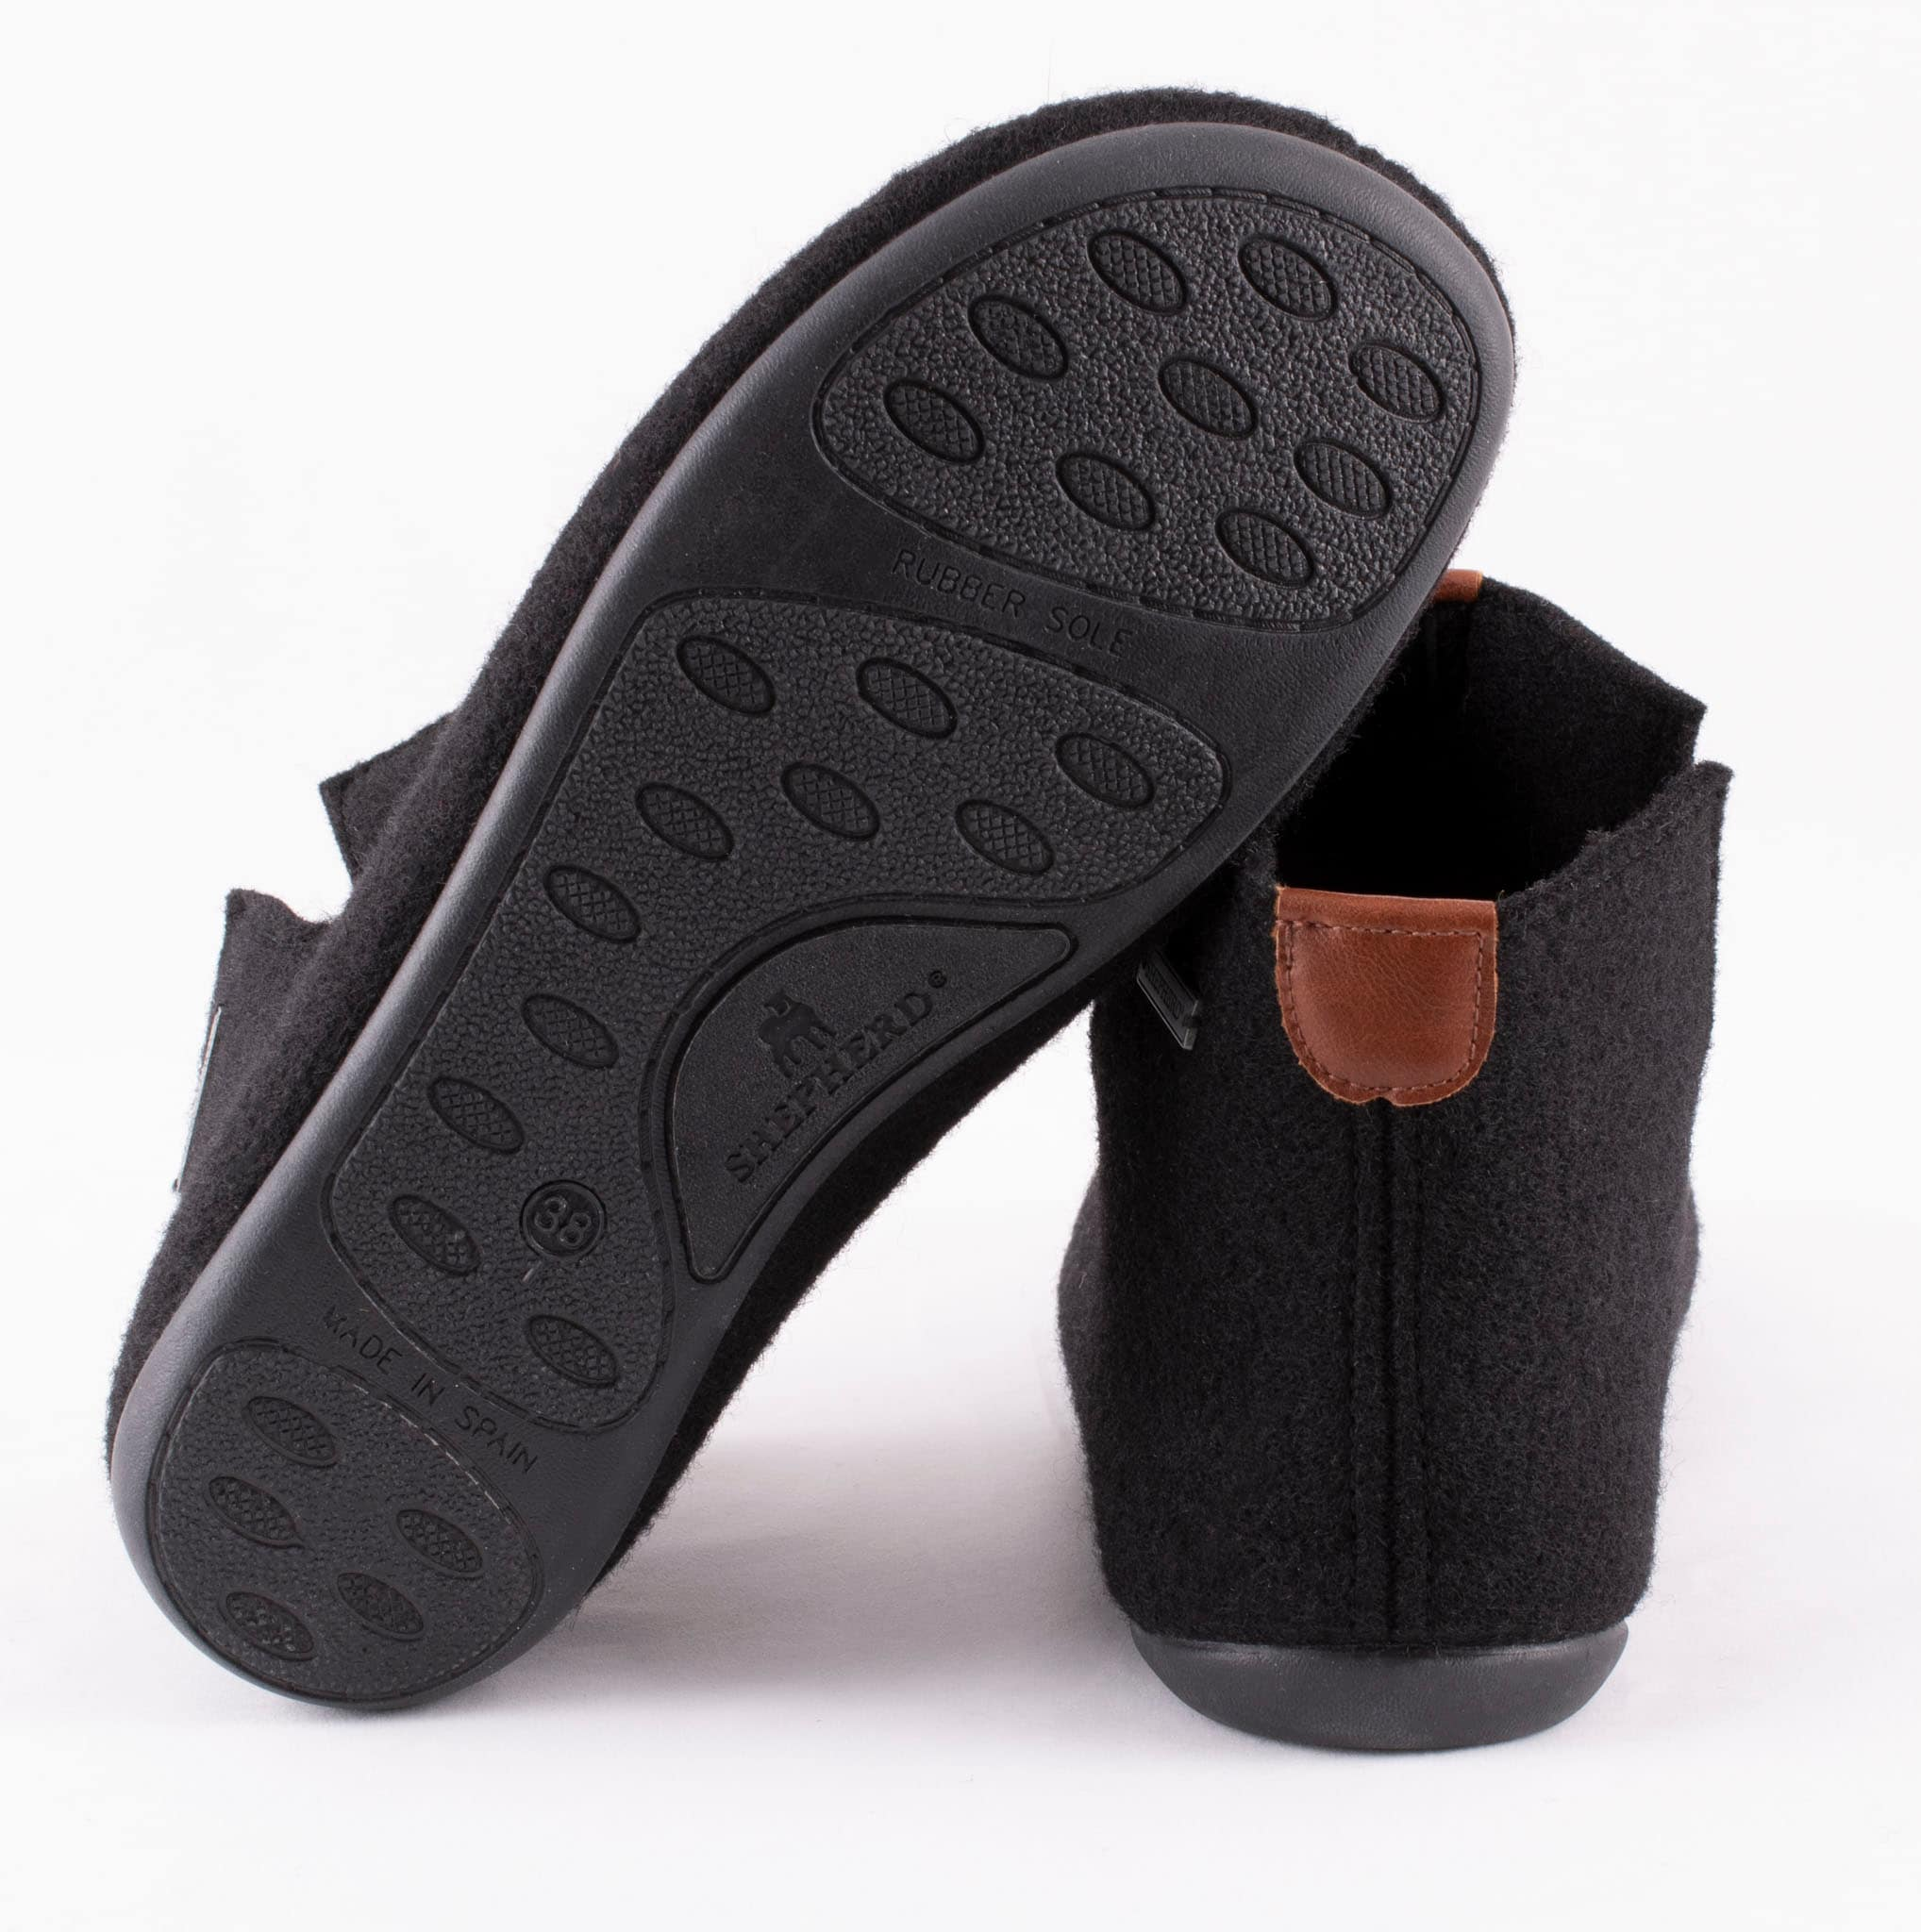 Shepherd Ester slippers